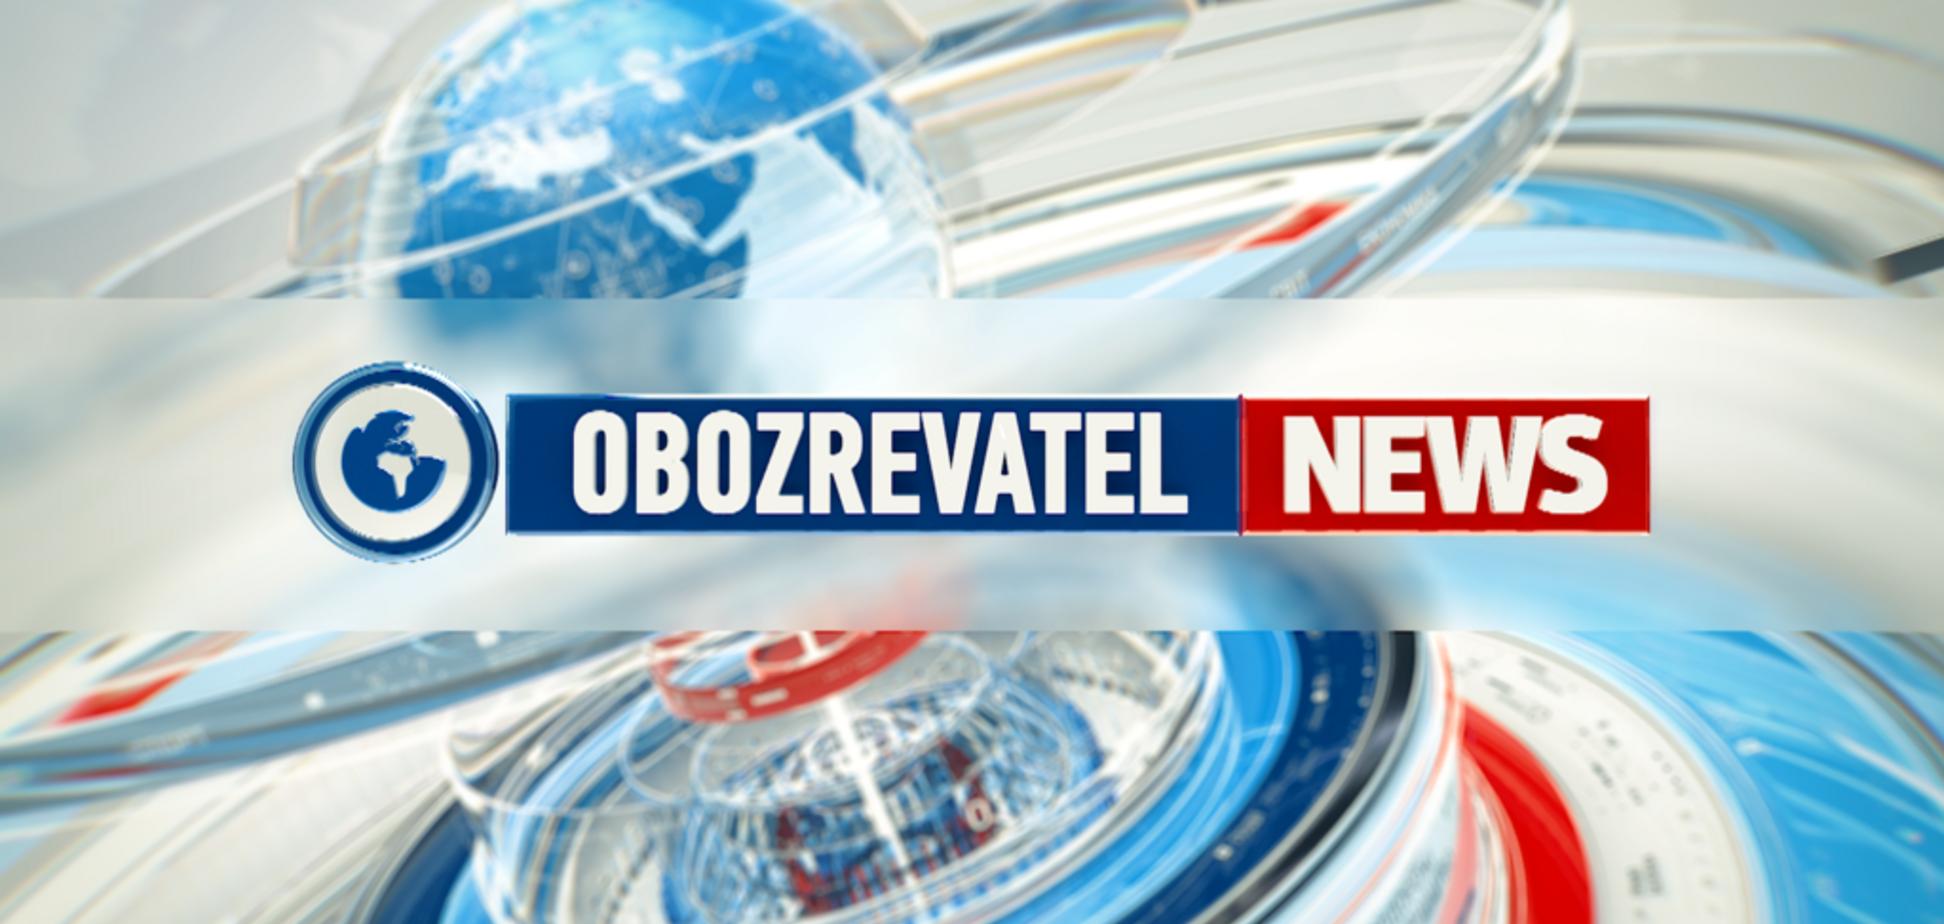 Кабмин просит освободить ряд губернаторов и снизить цены на газ: Obozrevatel News